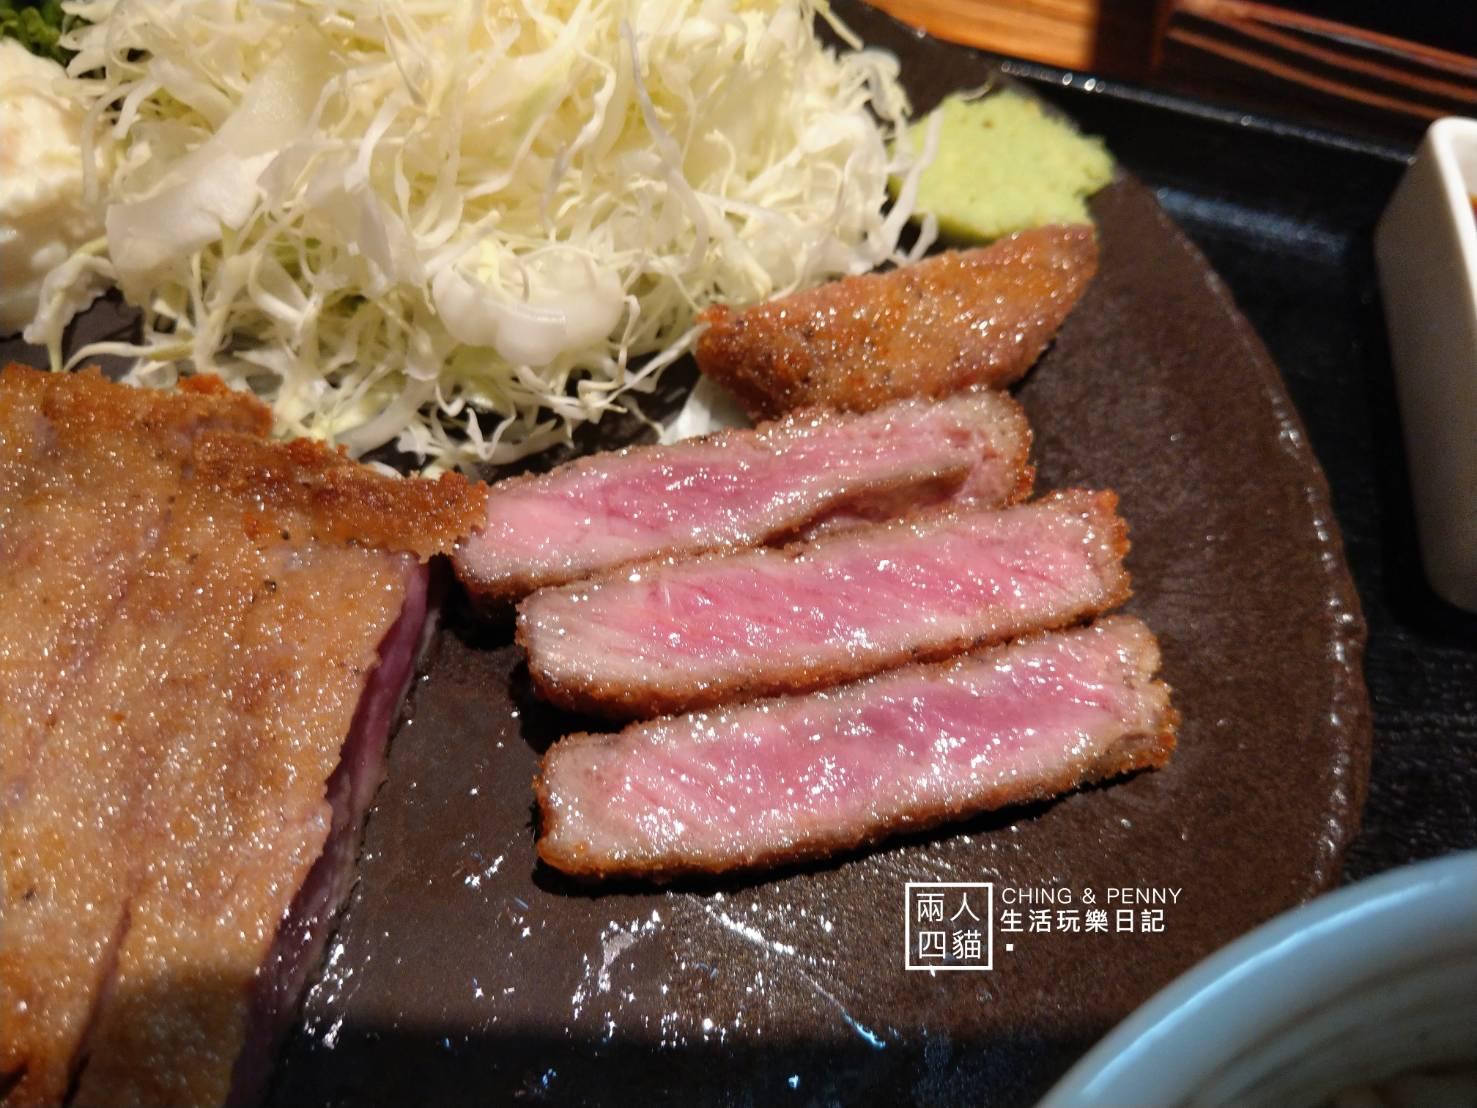 【東京|美食】淺草必吃!雷門對面超人氣炸牛排-「淺草牛かつ」先炸後烤超好吃(含中文菜單)